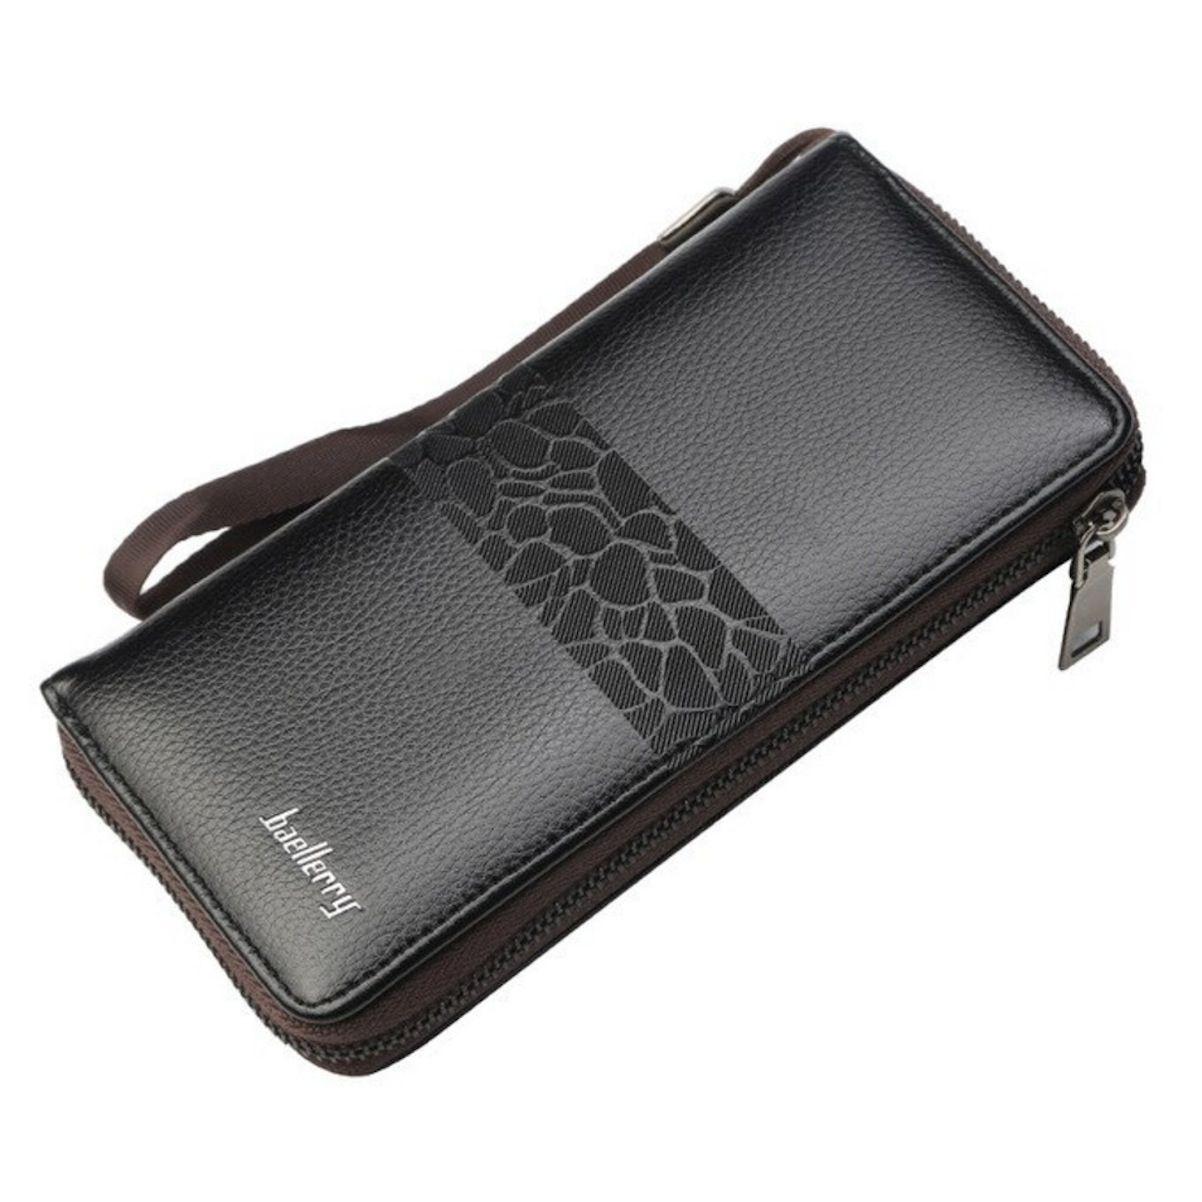 Carteira Executiva Couro Luxo Bag Celular Masculina Feminina